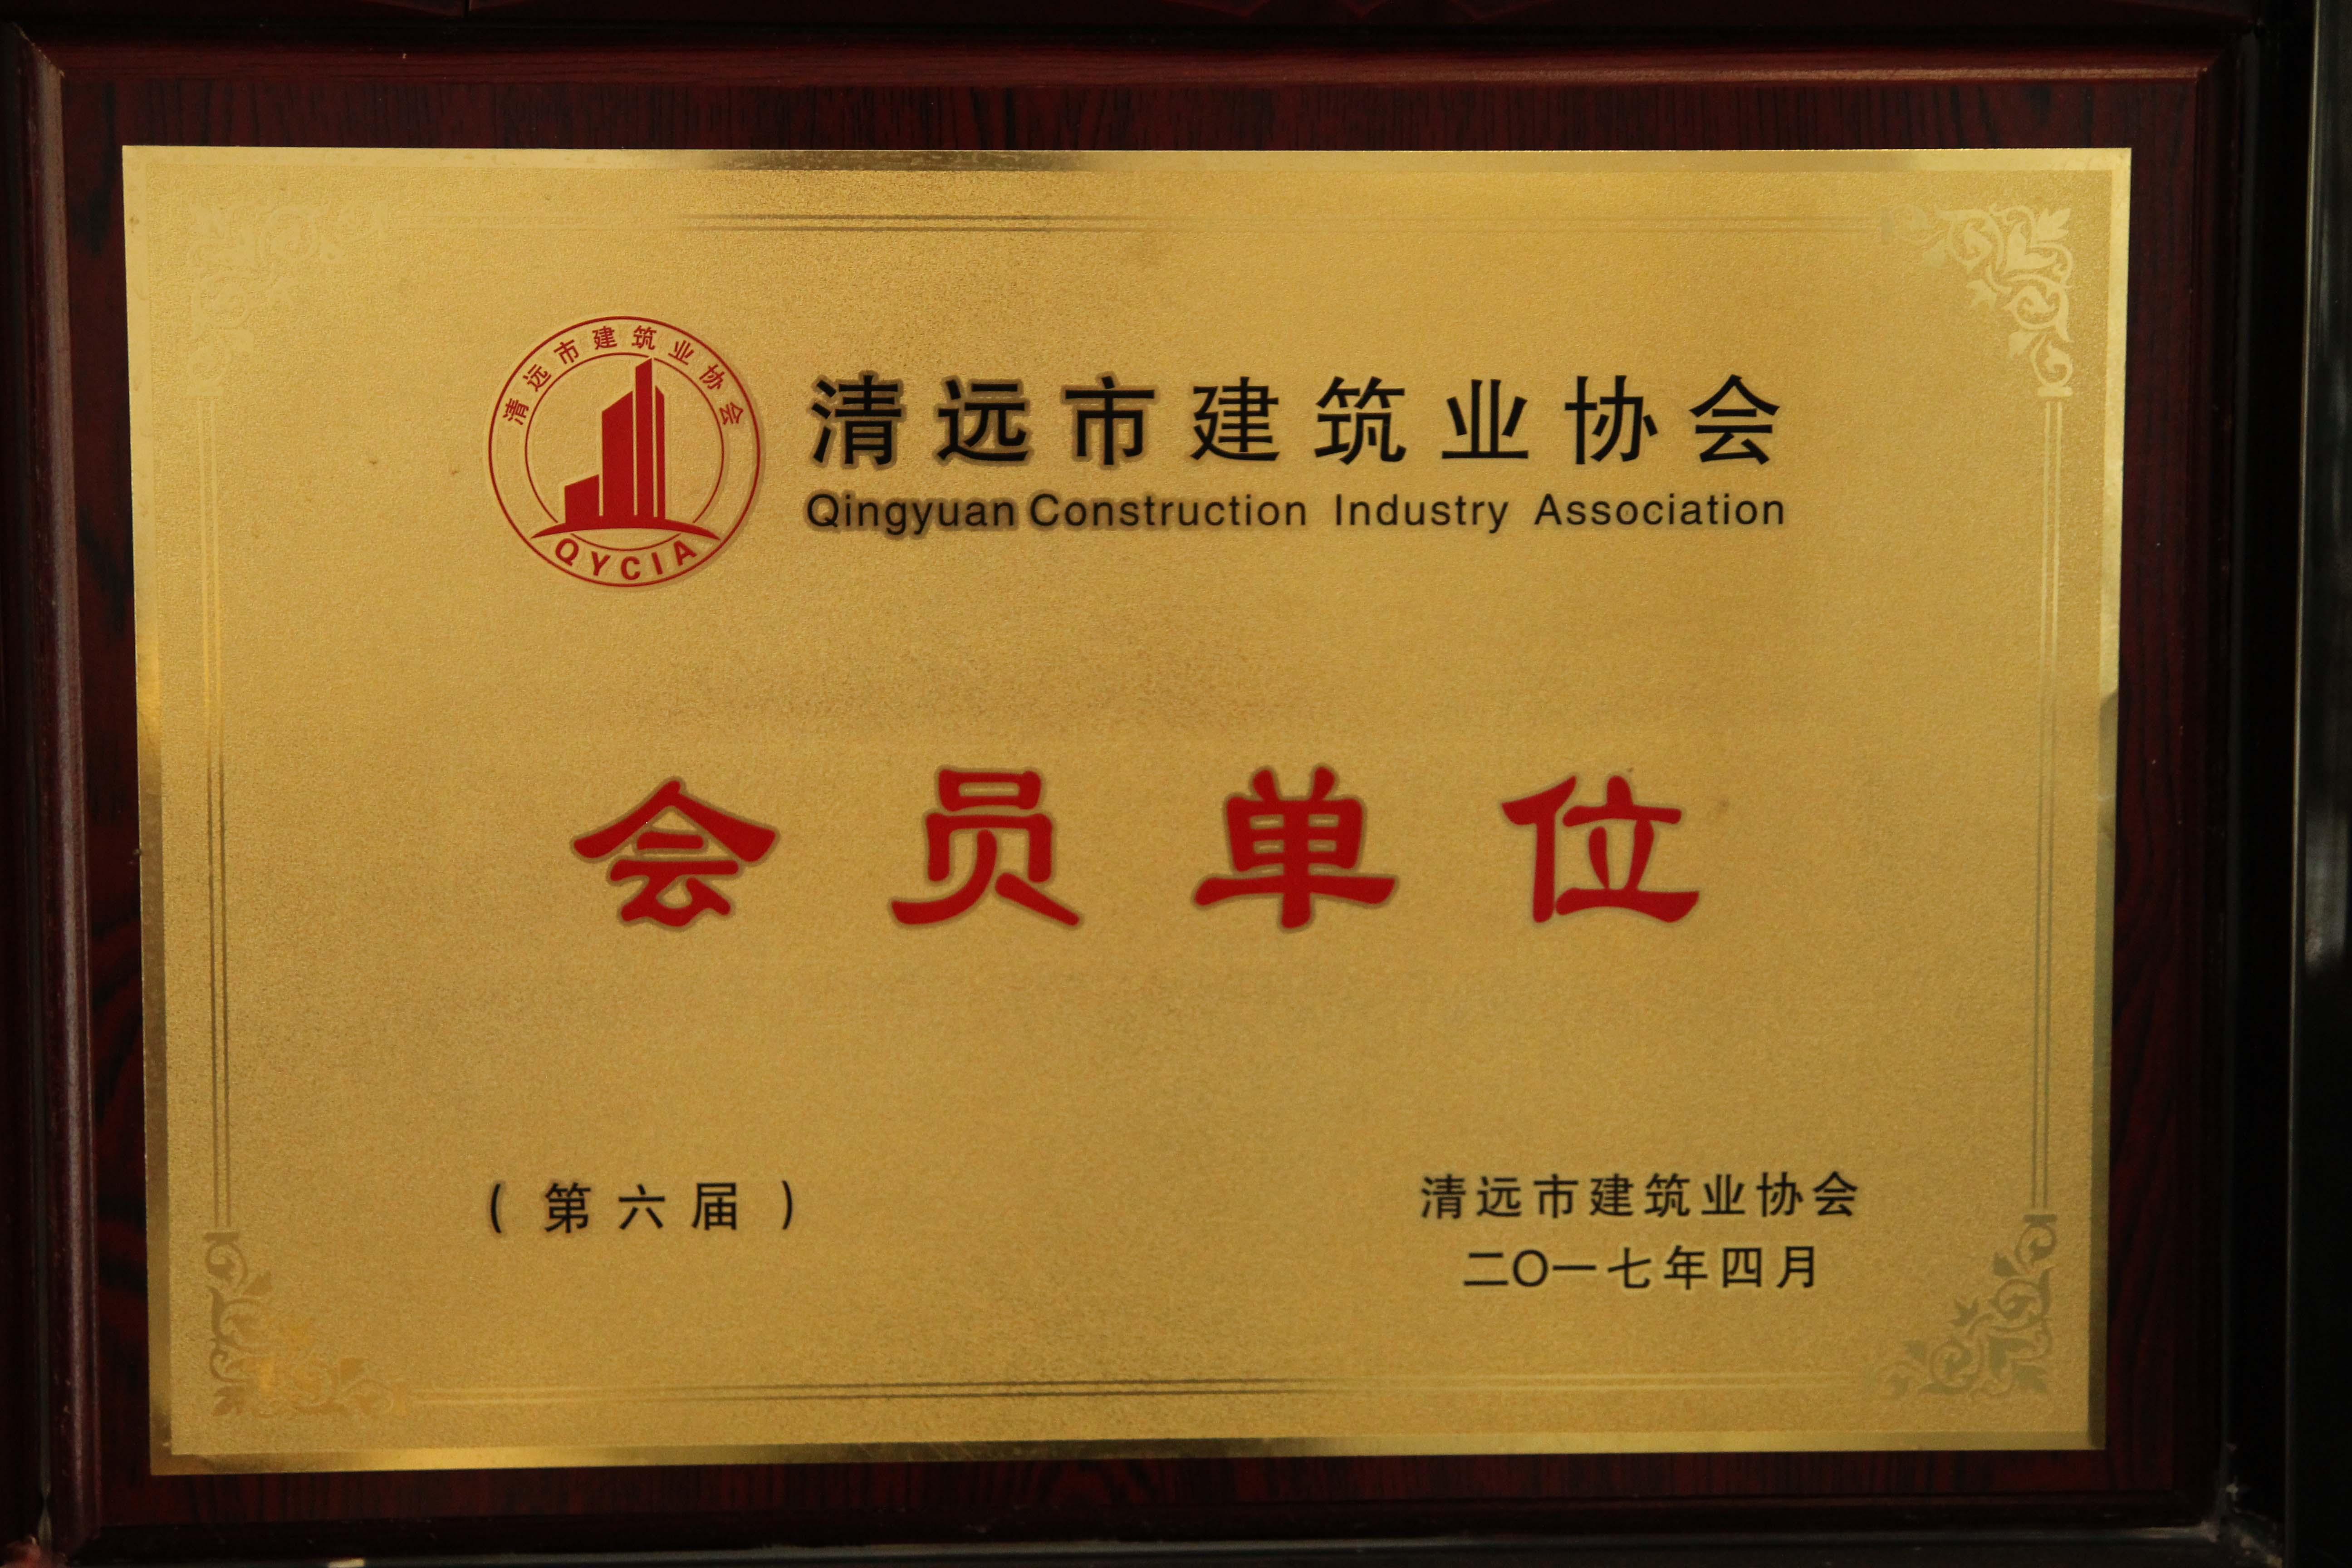 清远市建筑业协会会员单位